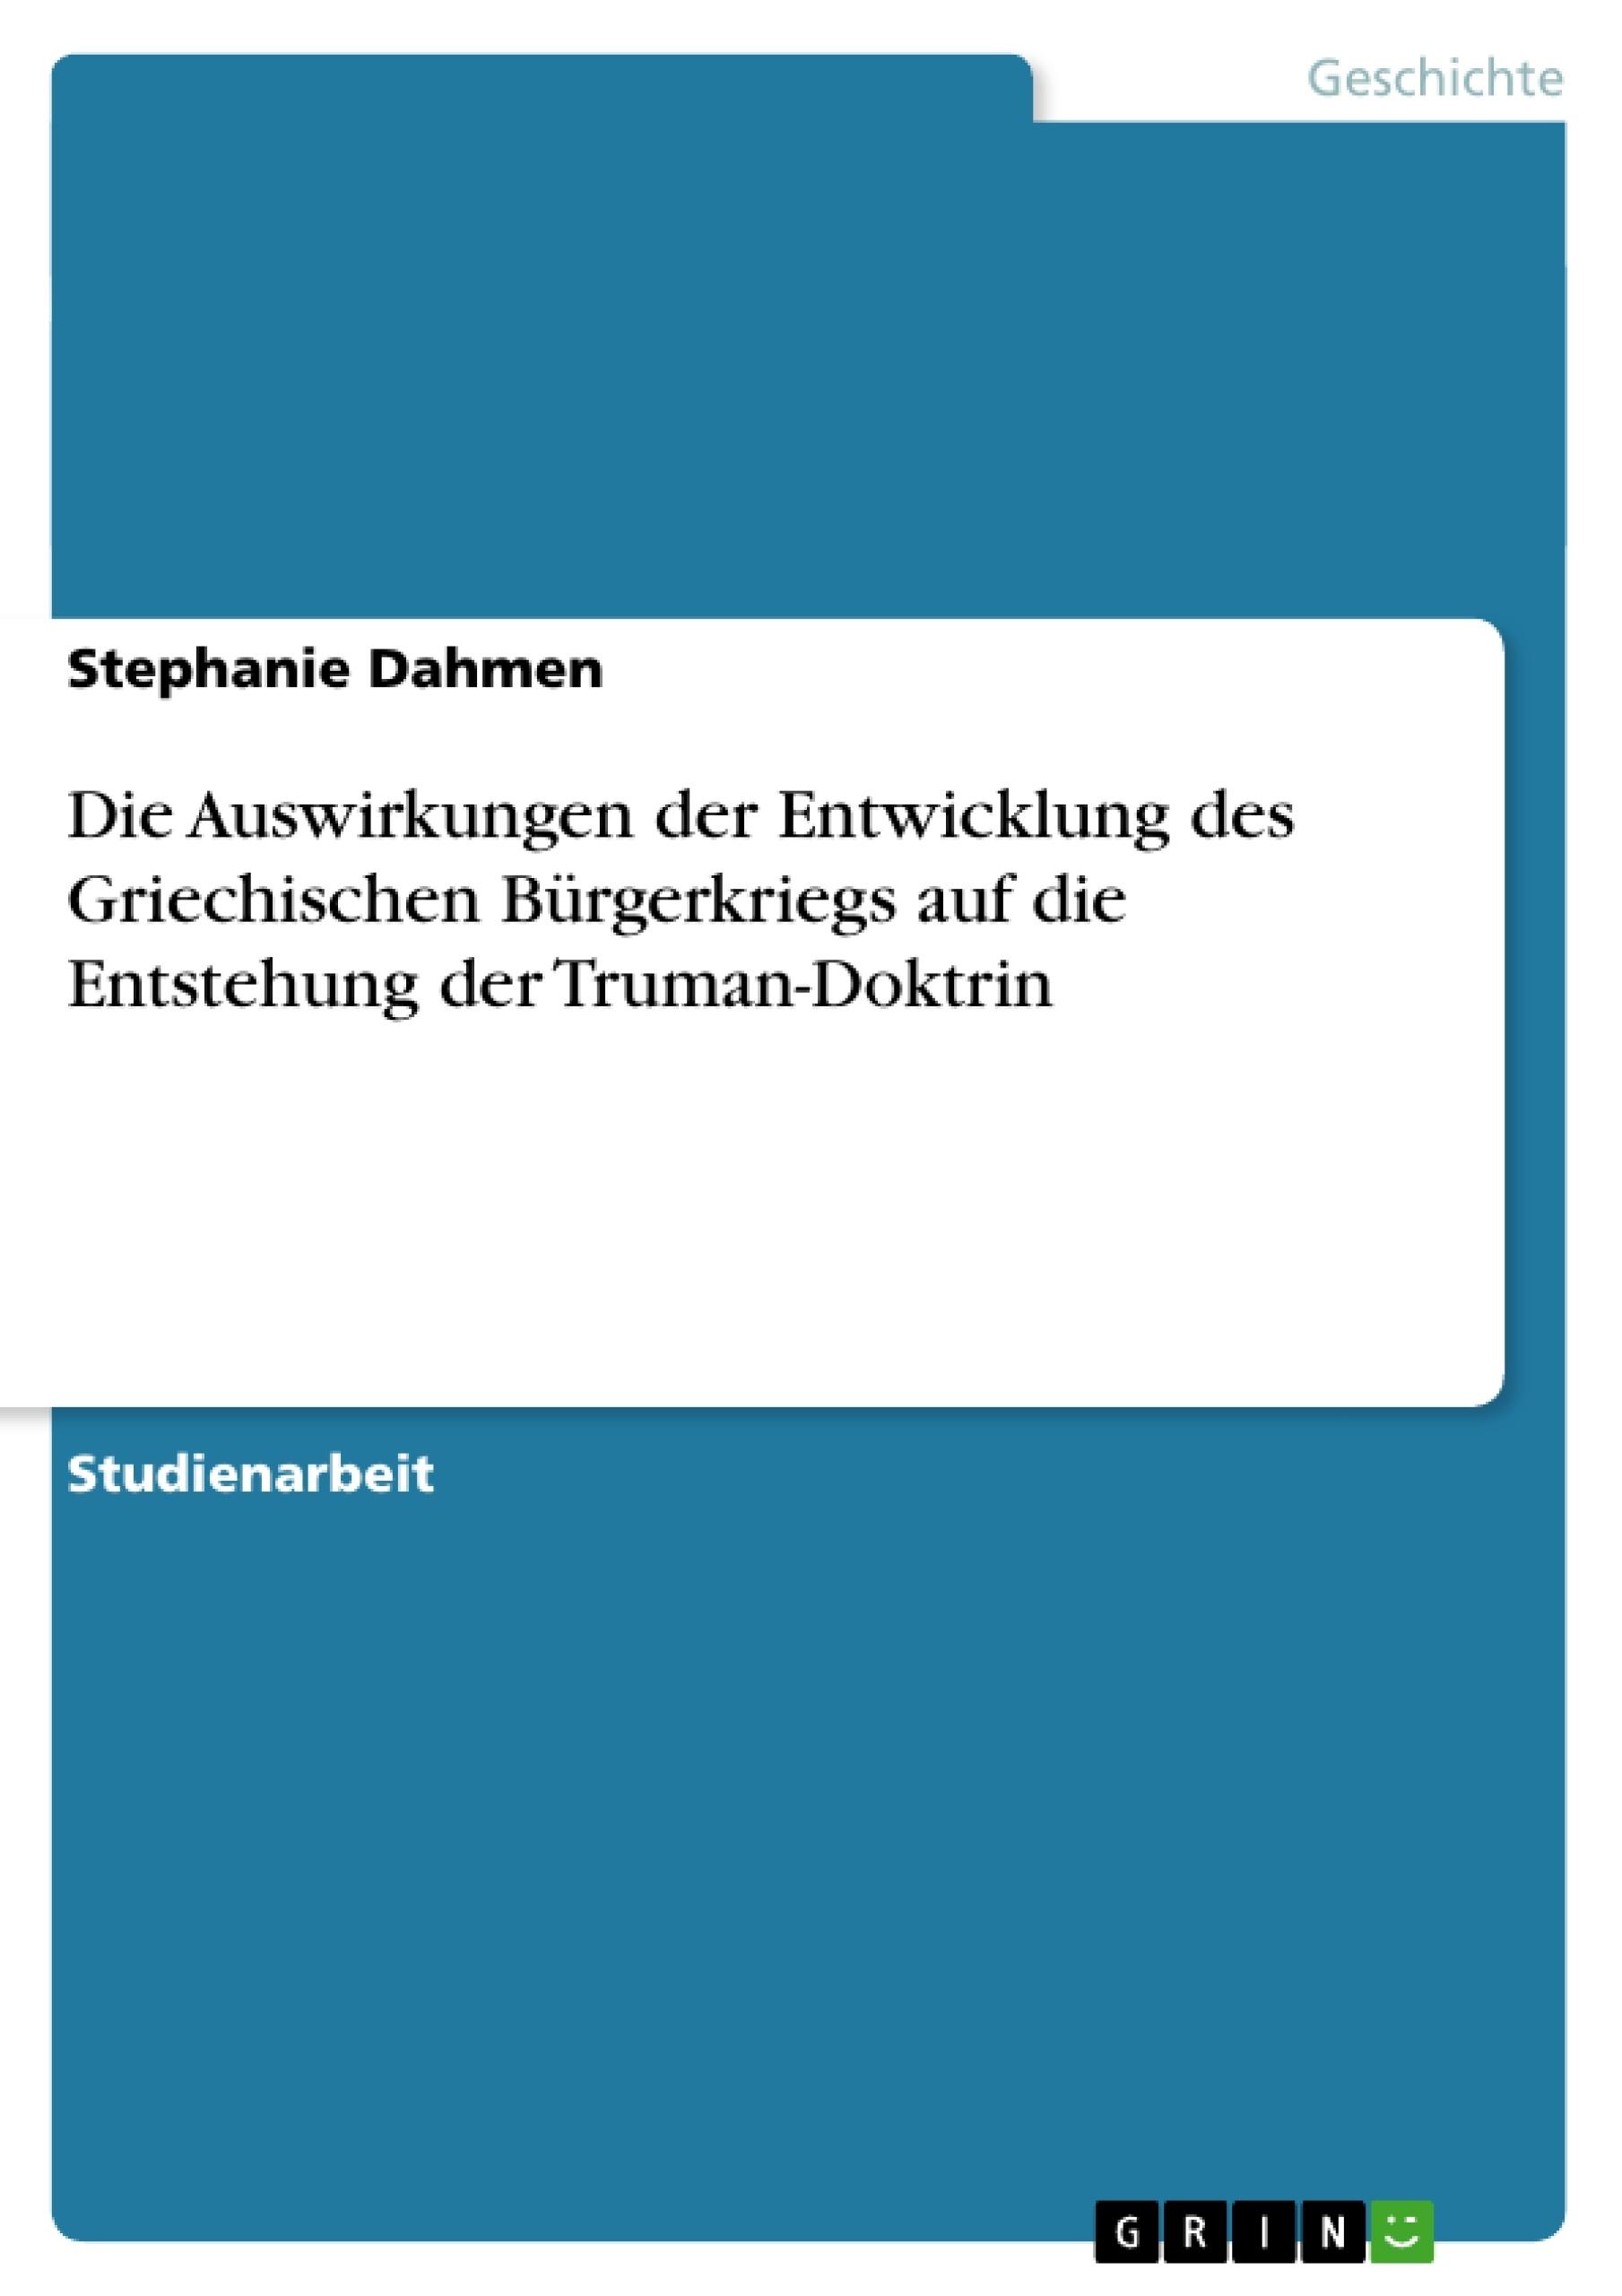 Titel: Die Auswirkungen der Entwicklung des Griechischen Bürgerkriegs auf die Entstehung der Truman-Doktrin